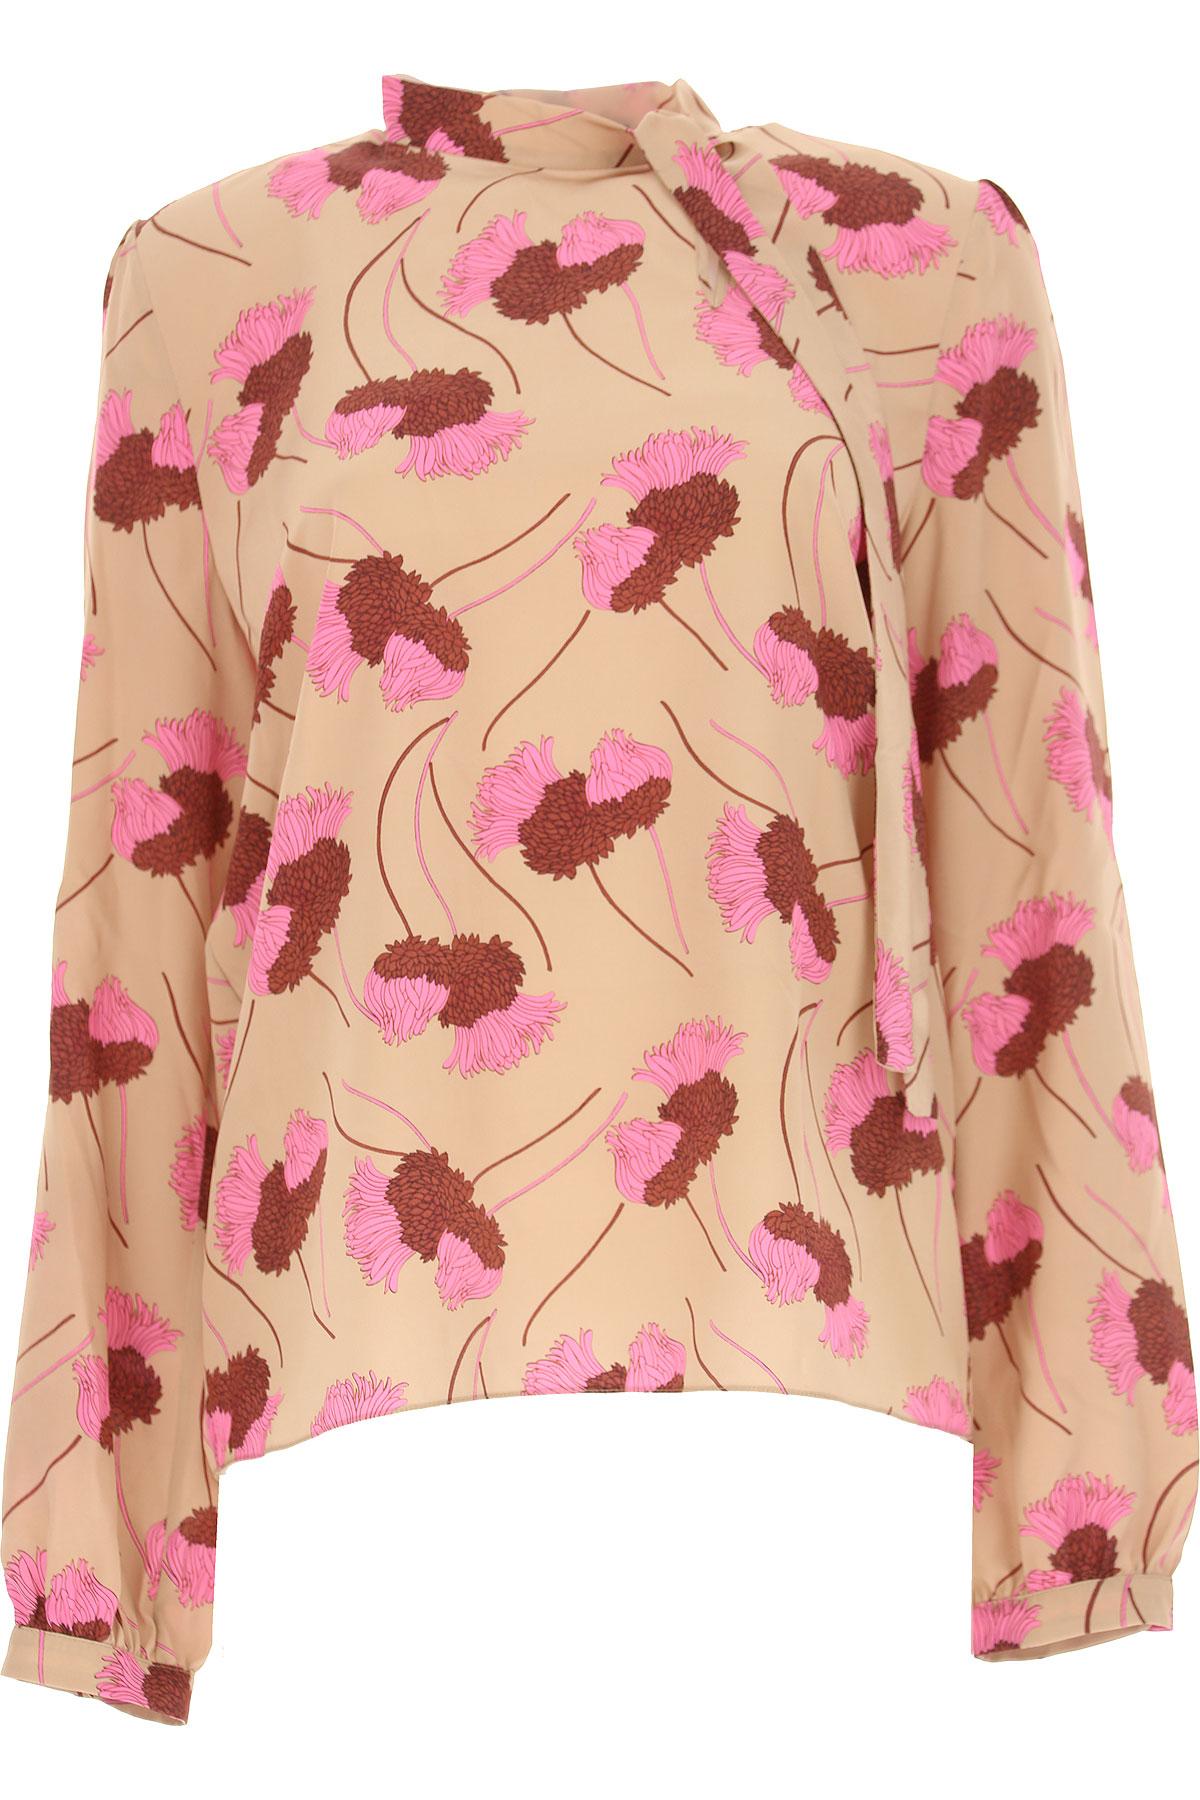 Image of Rochas Shirt for Women, Camel, Silk, 2017, USA 10 -- IT 44 UK 10 - US 8 - EU 42